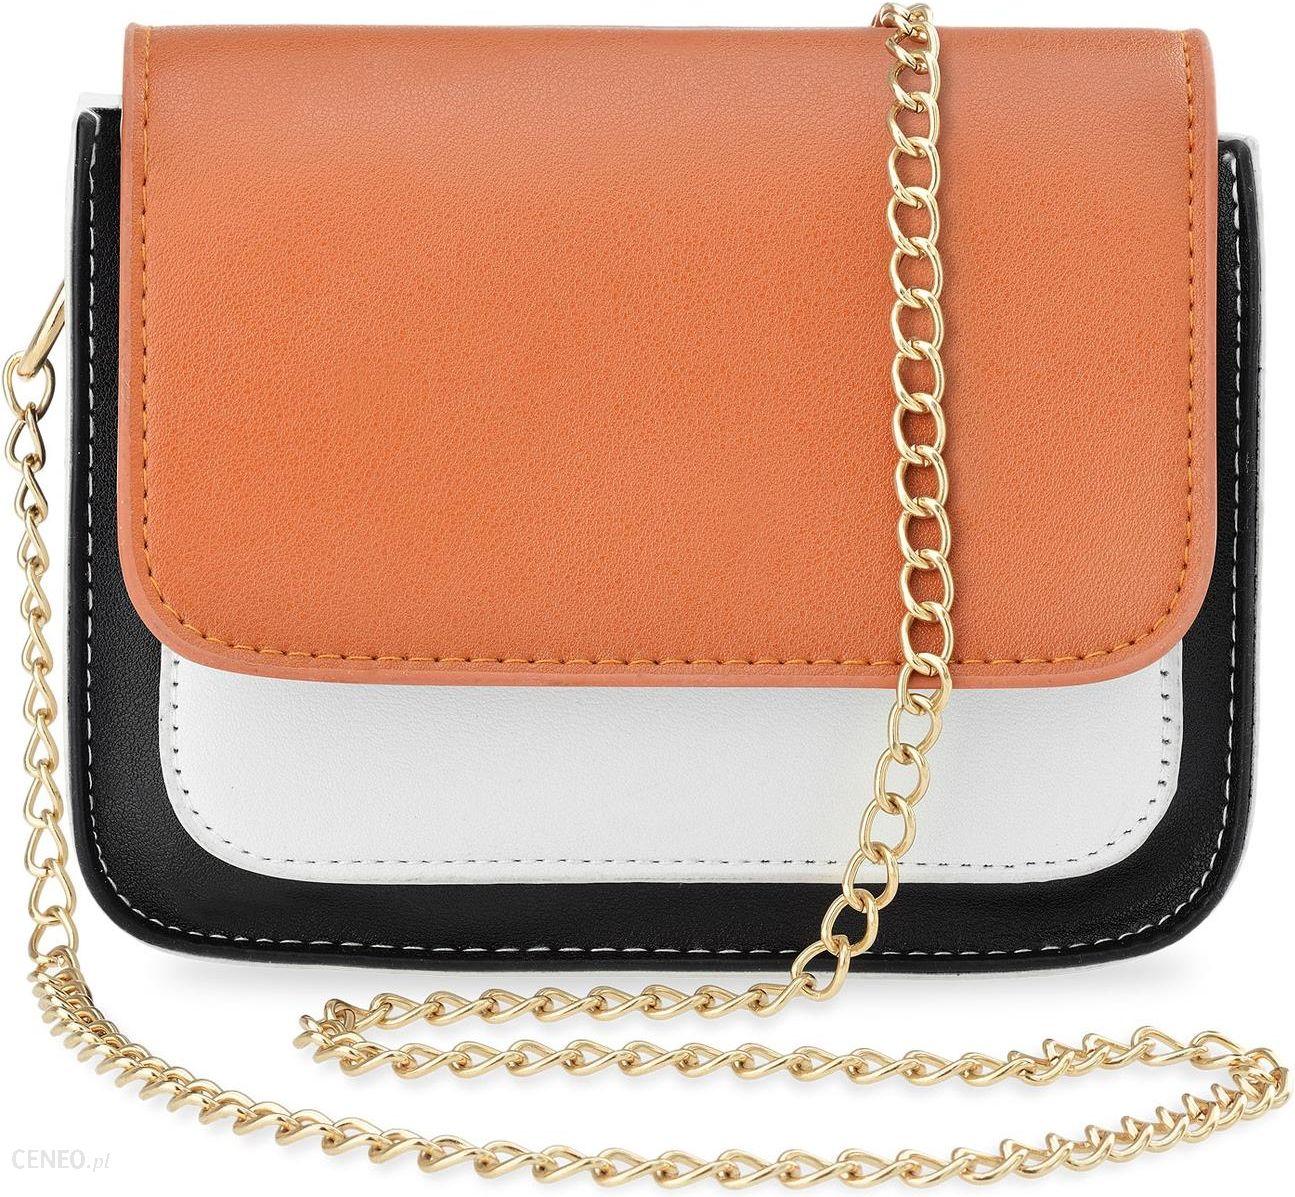 f239f7ab6af0a Listonoszka damska na łańcuszku elegancka torebka – czarno-biała z  pomarańczową klapką - zdjęcie 1